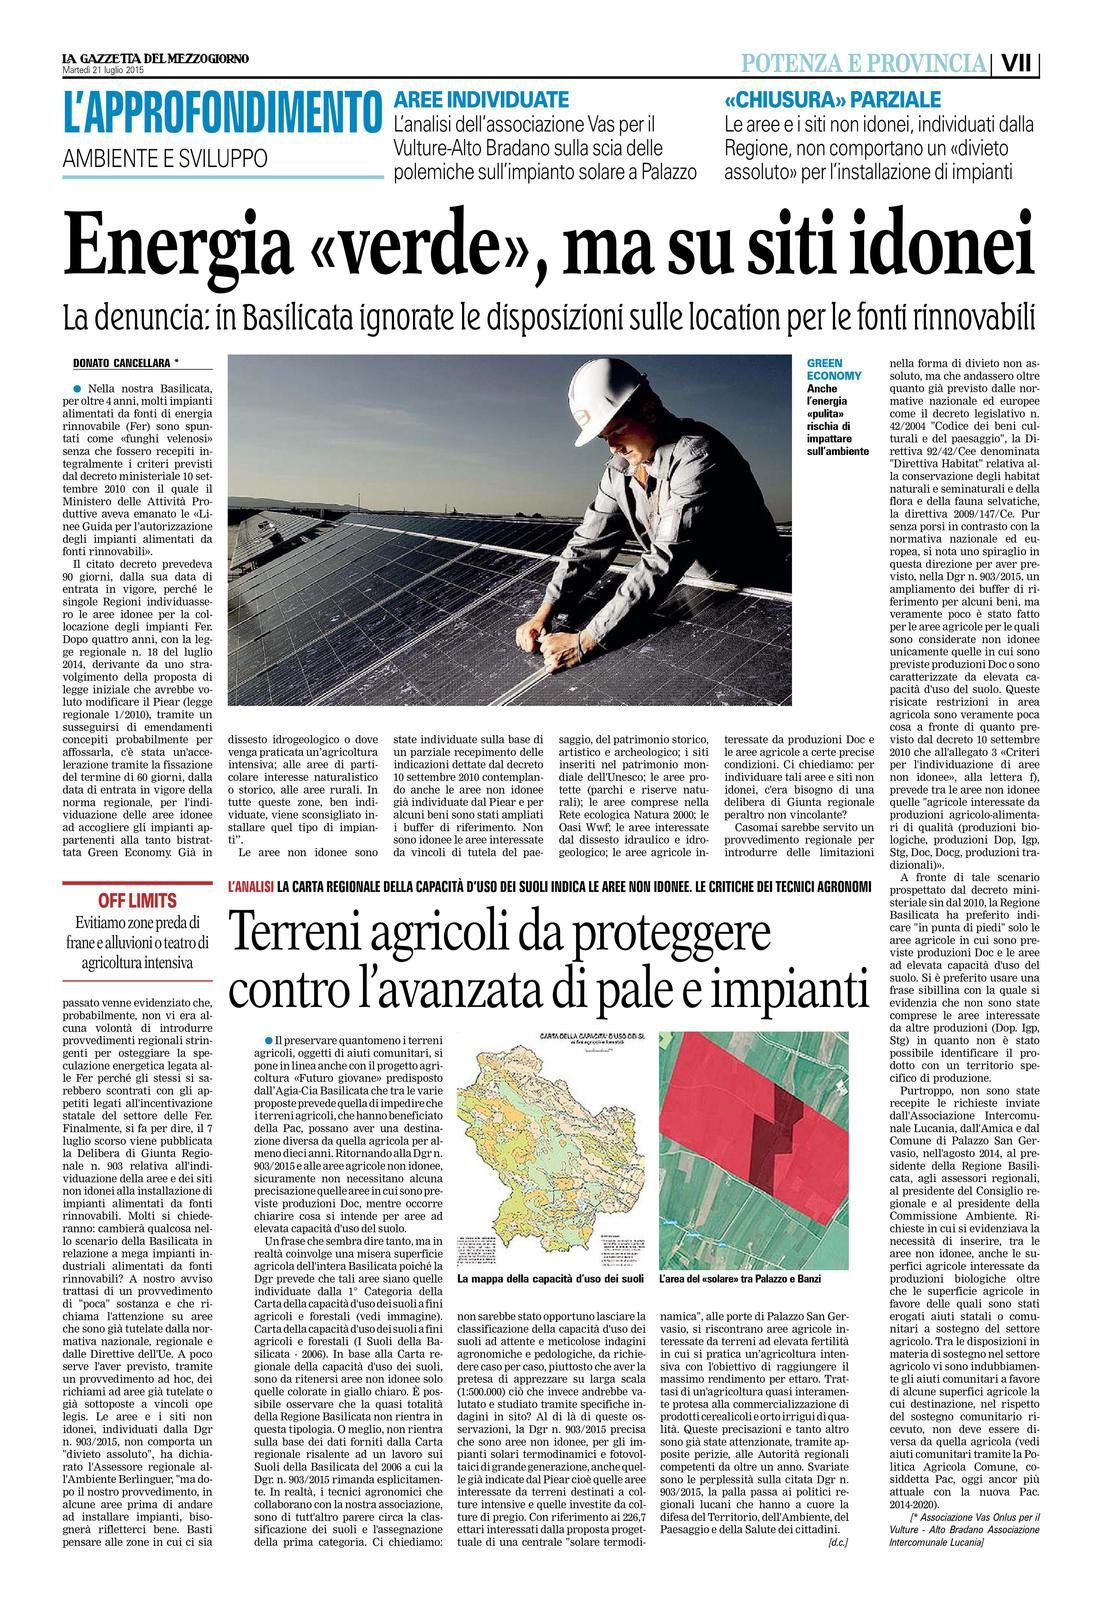 Gazzetta del Mezzogiorno - ed. 21 luglio 2015